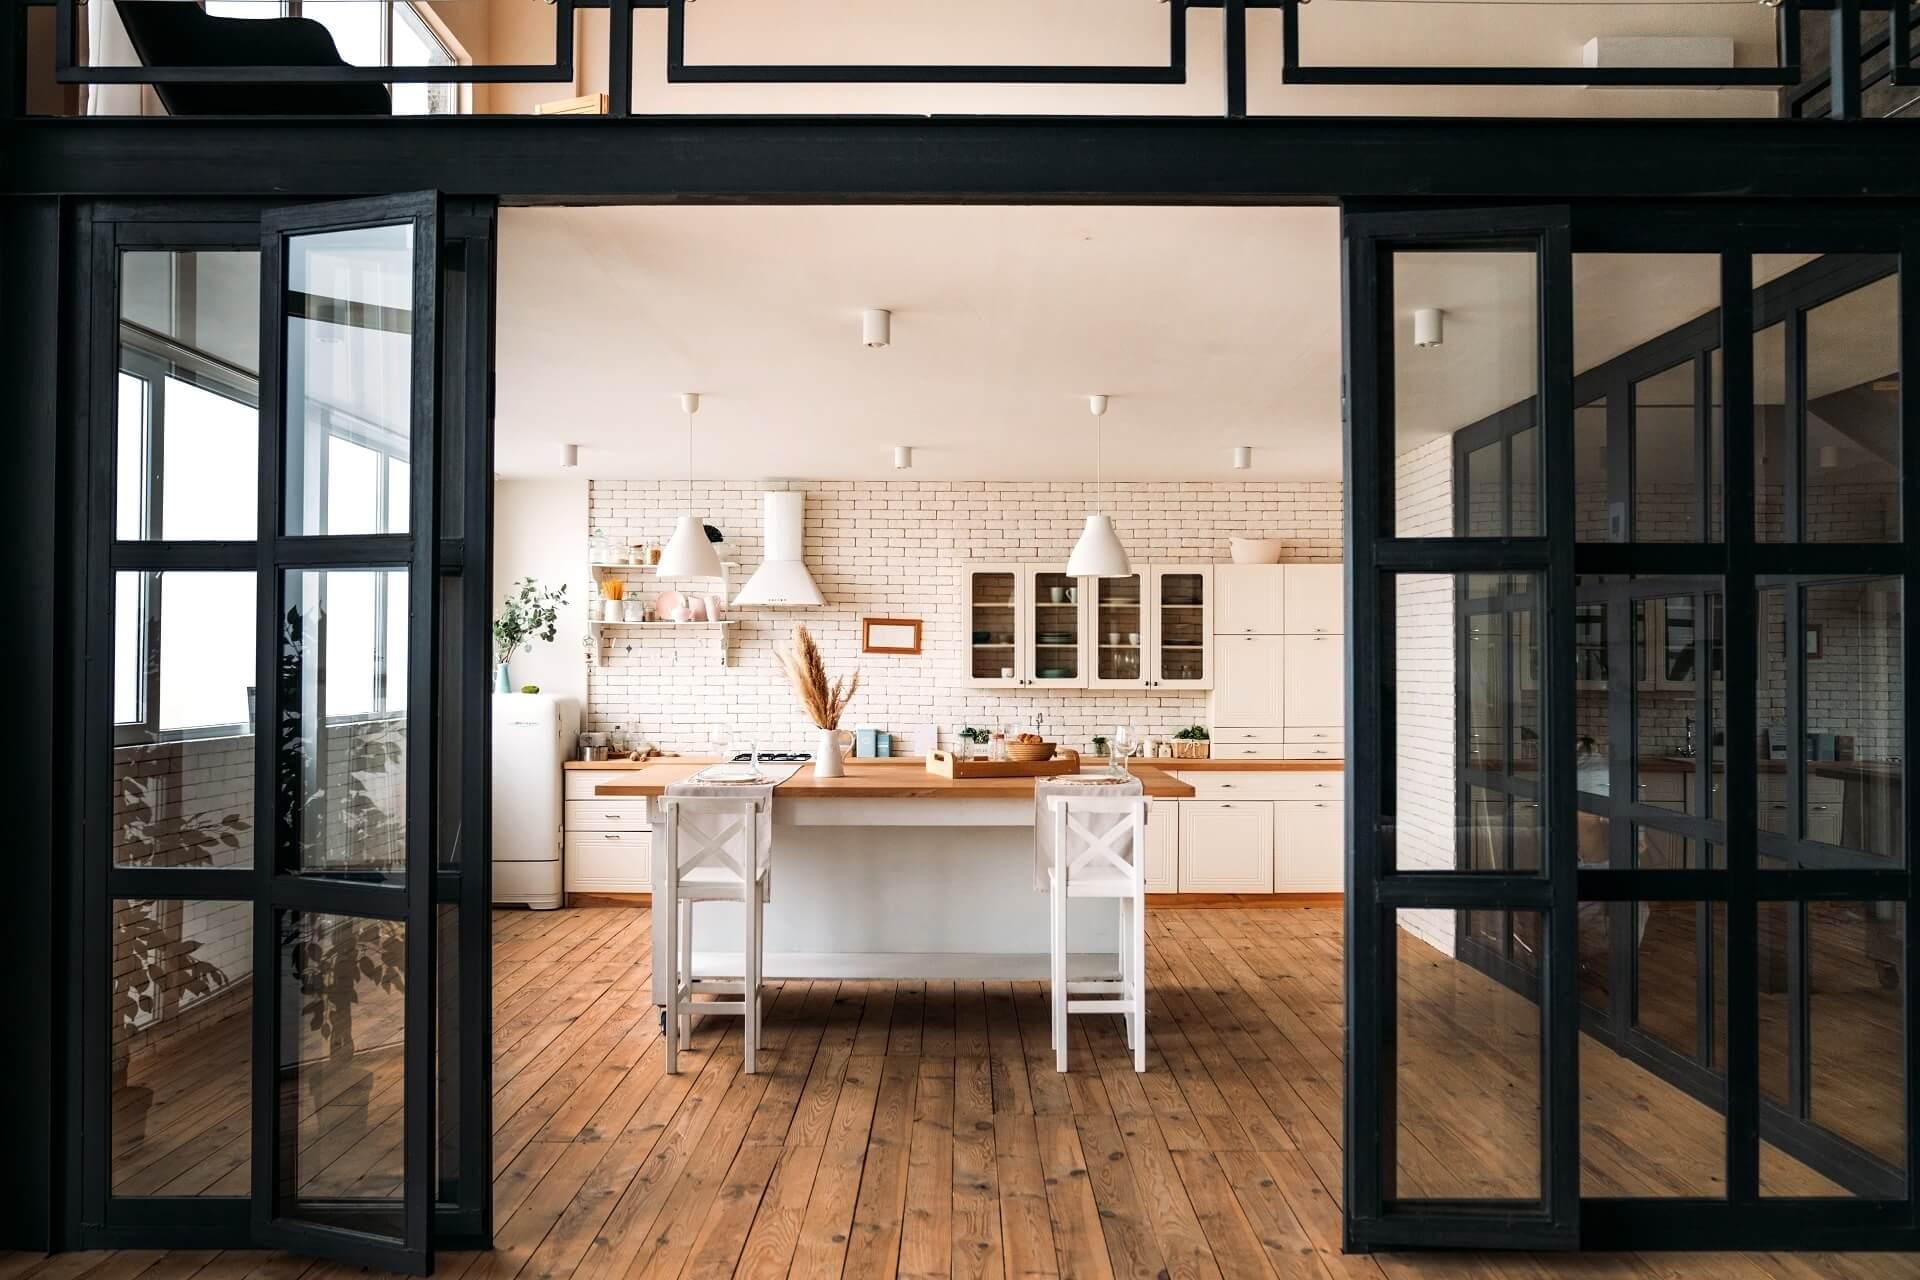 Arredare casa in stile Farmhouse moderno: tendenze 2021